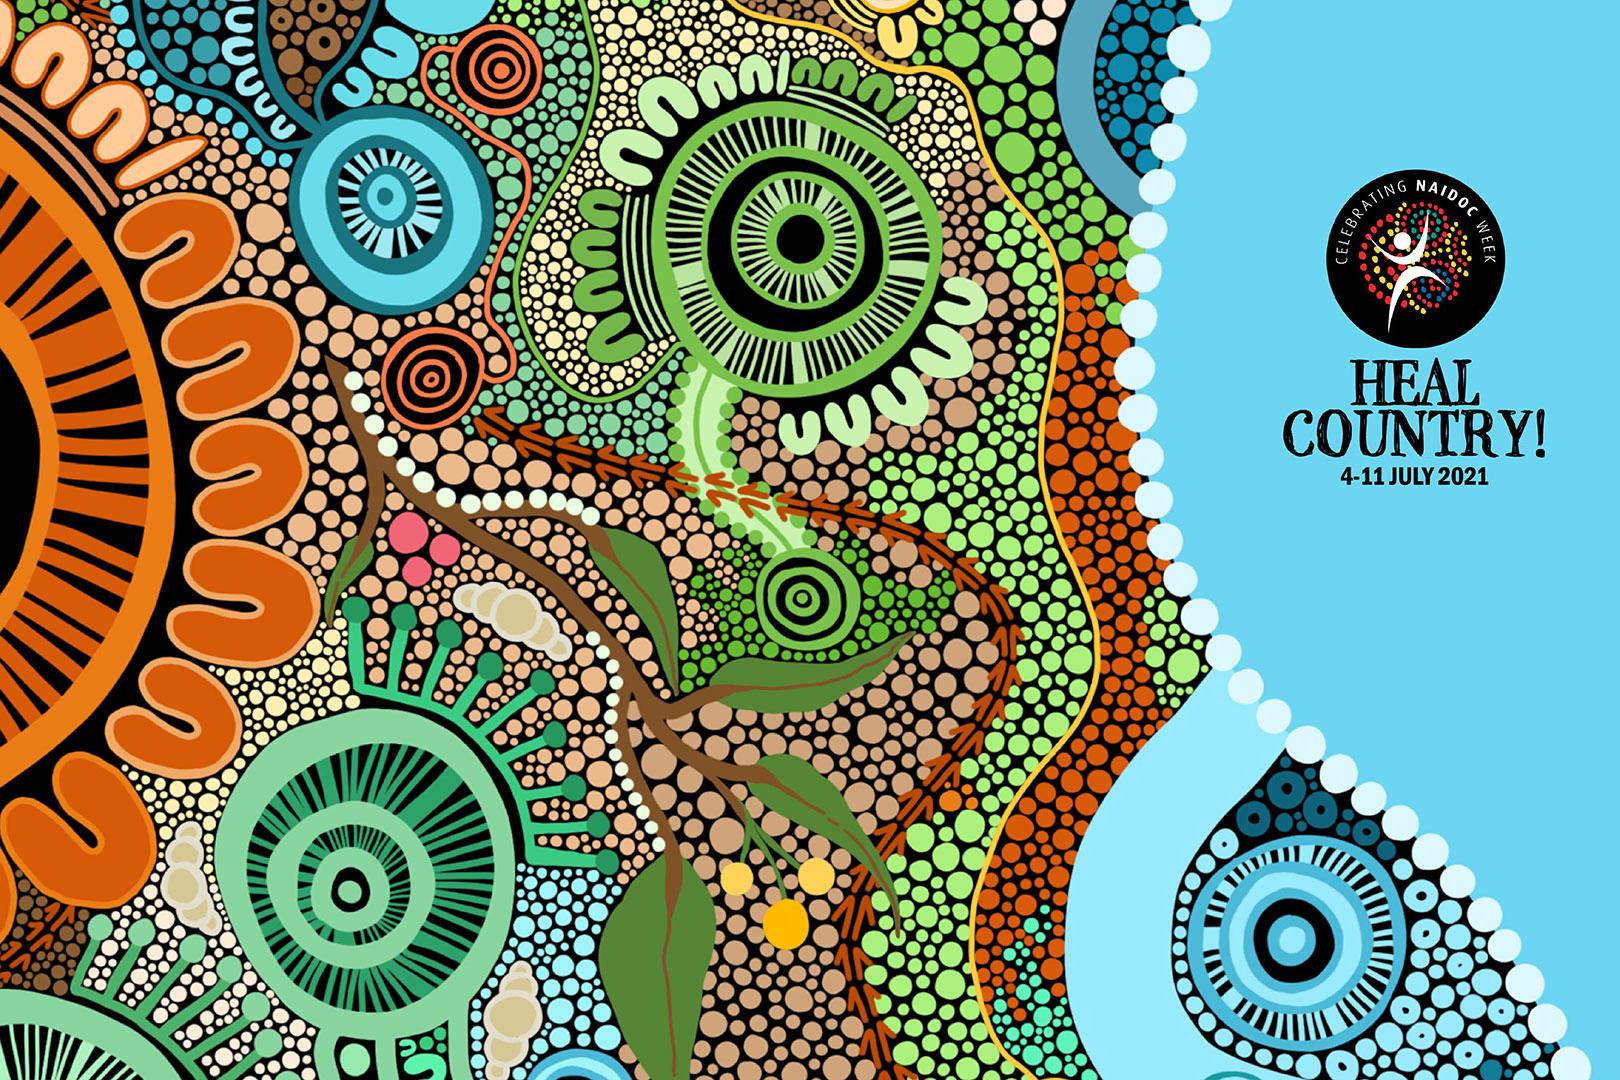 Article image: NAIDOC week 2021 - Heal Country